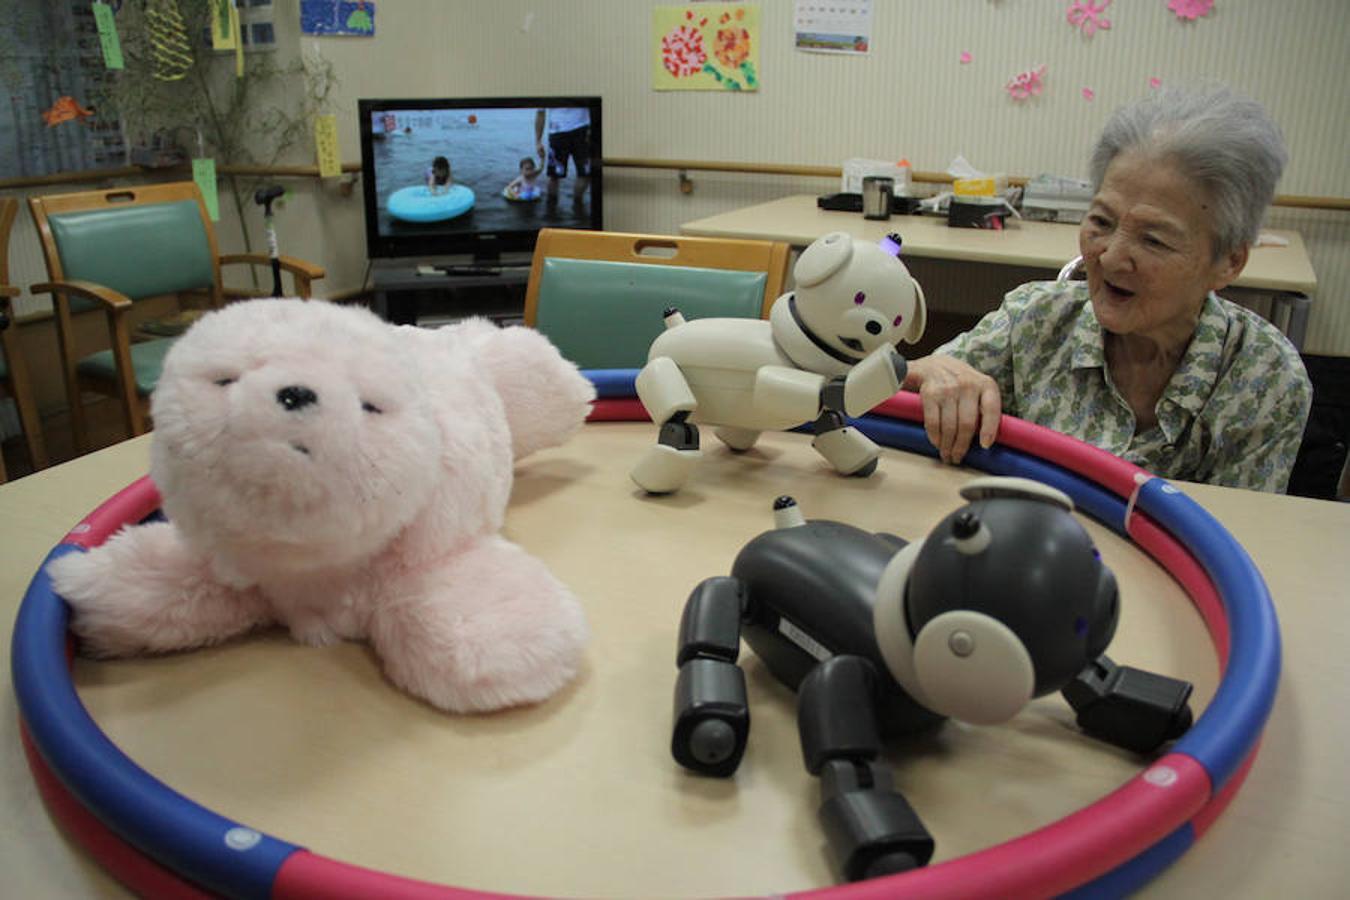 Los perros electrónicos Aibo y la foca Paro tienen fines terapéuticos porque dan compañía a los ancianos